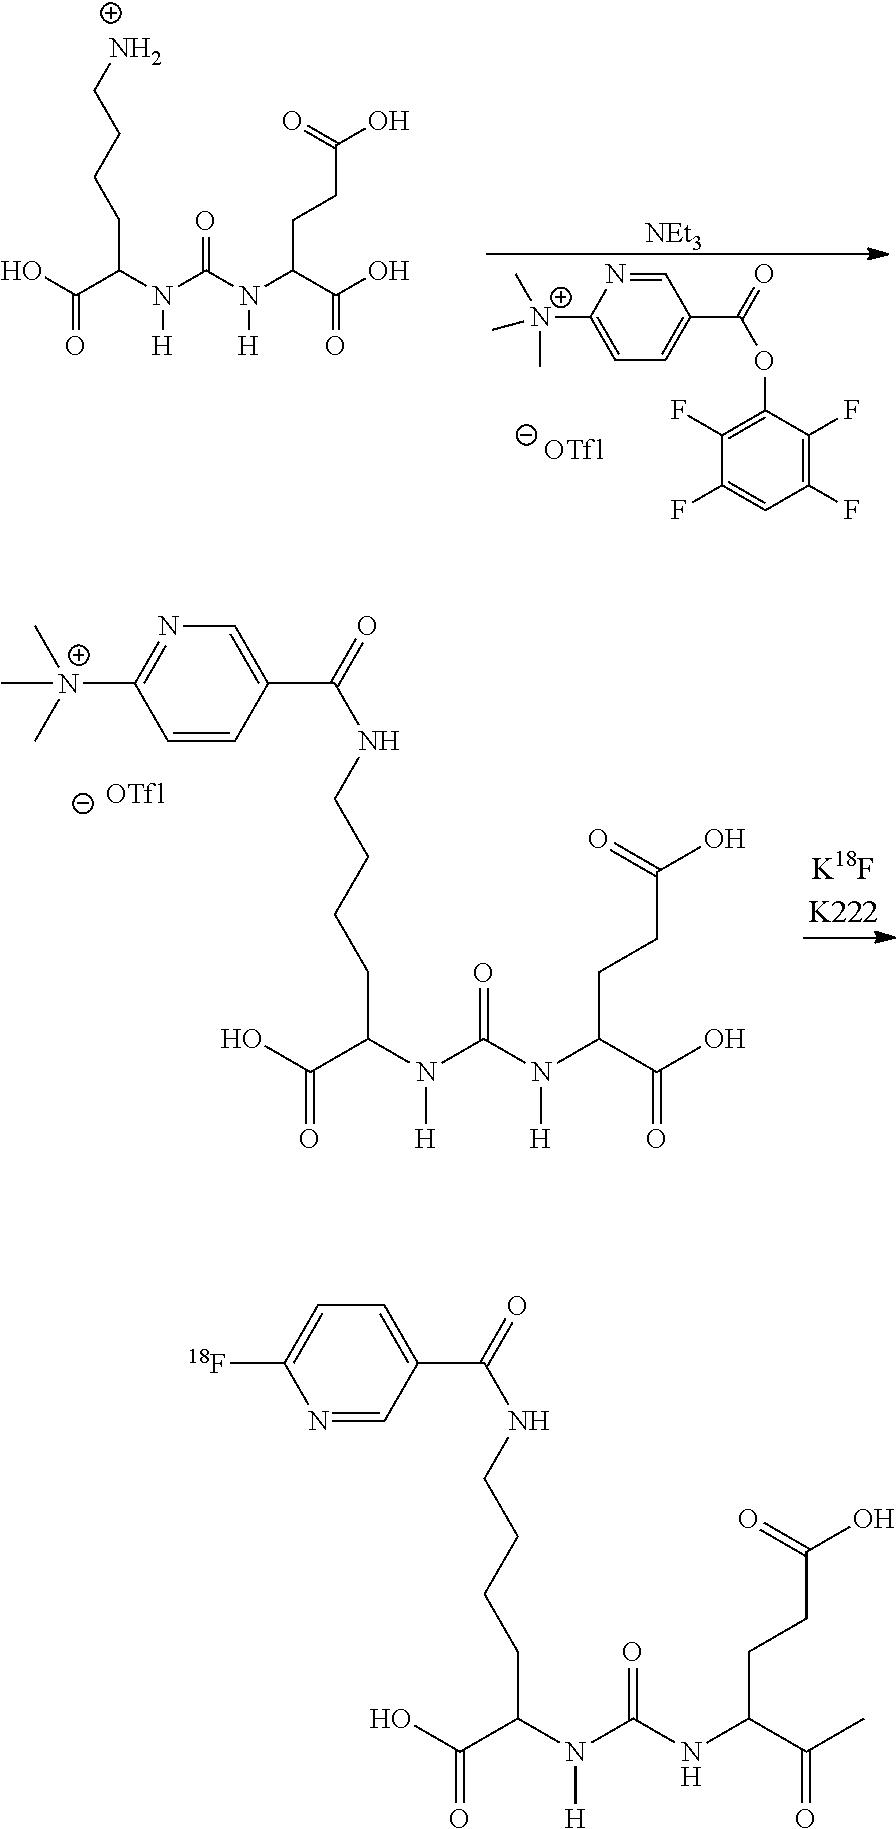 Figure US09861713-20180109-C00027